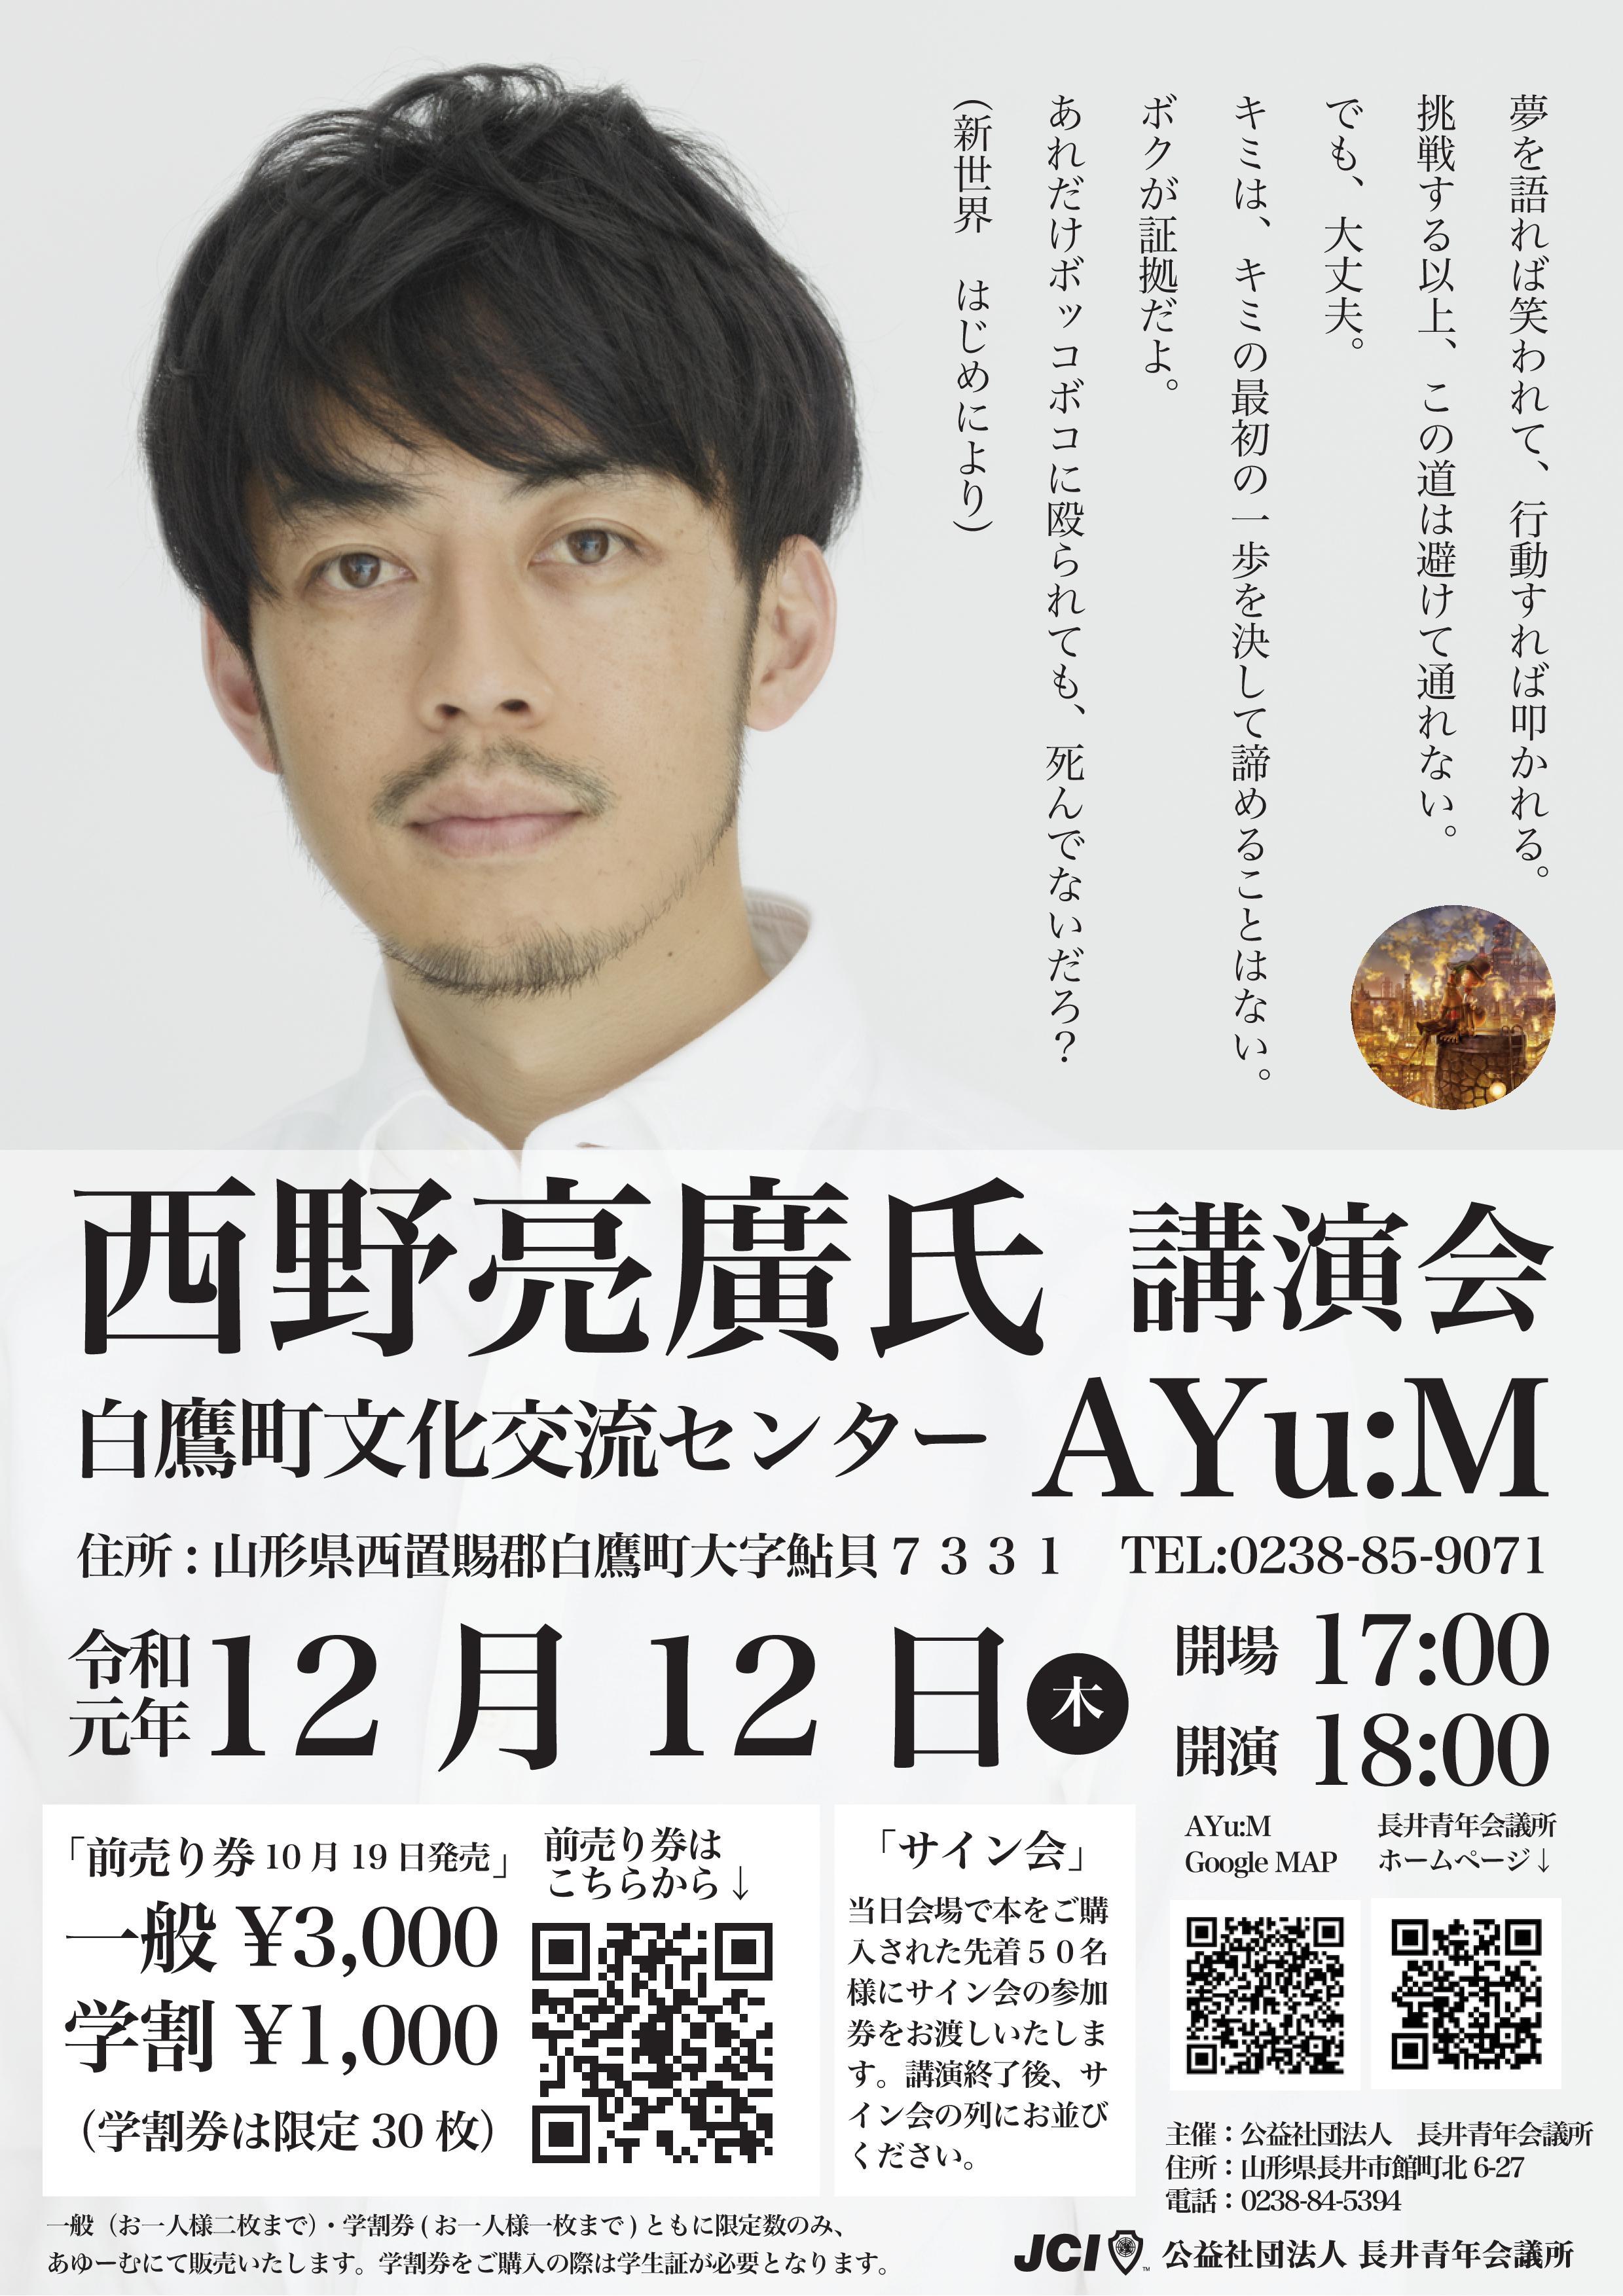 12月12日(木)『西野亮廣氏講演会in白鷹』開催!!:画像